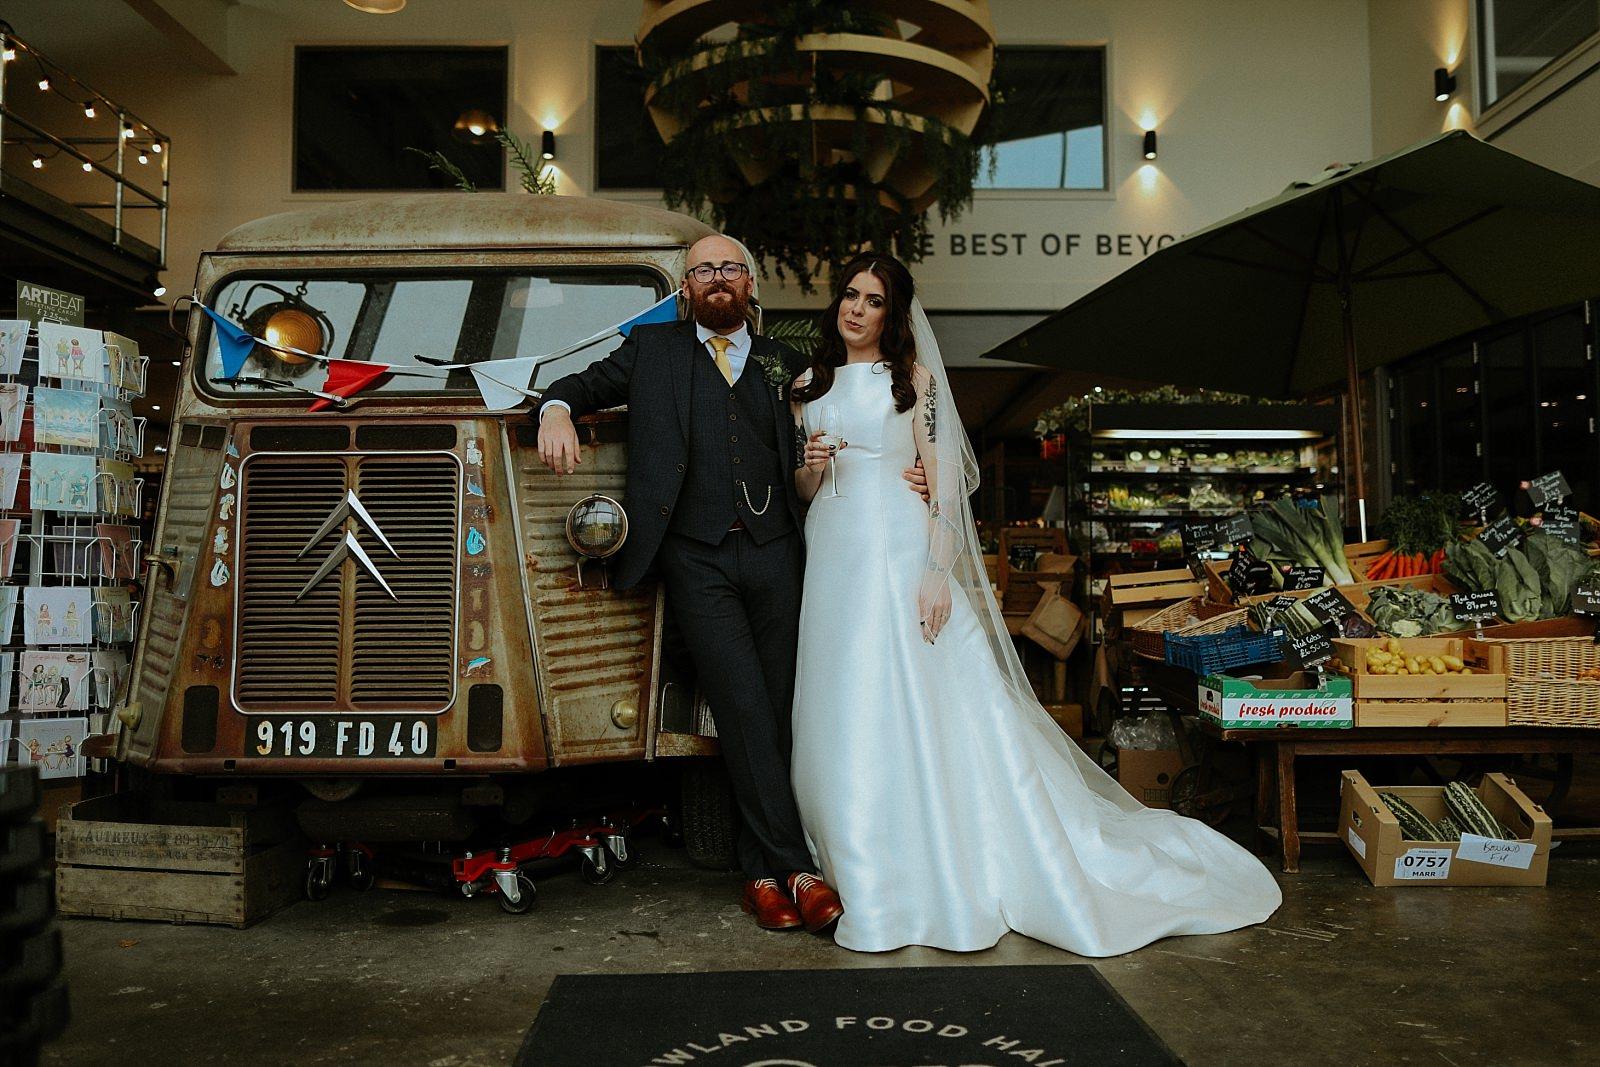 alternative wedding in bowling food hall